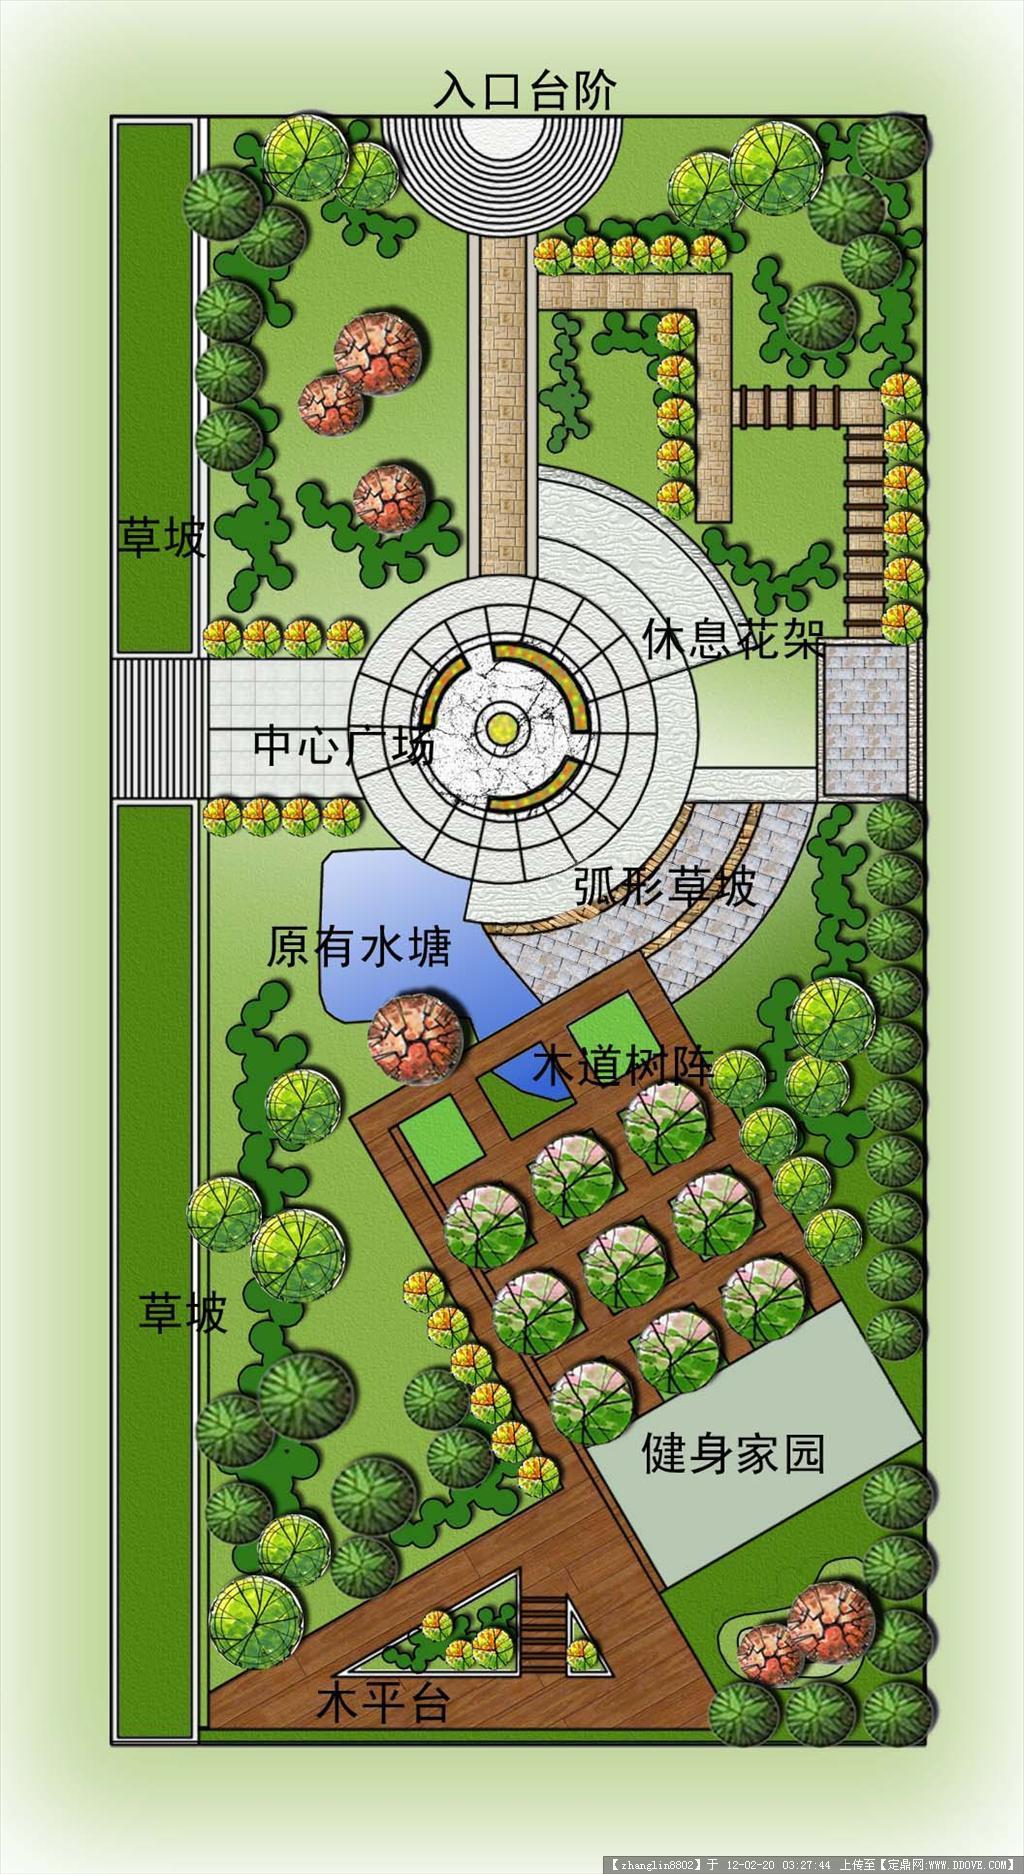 桃花小游园;; 小游园平面图效果图街头小游园平面图